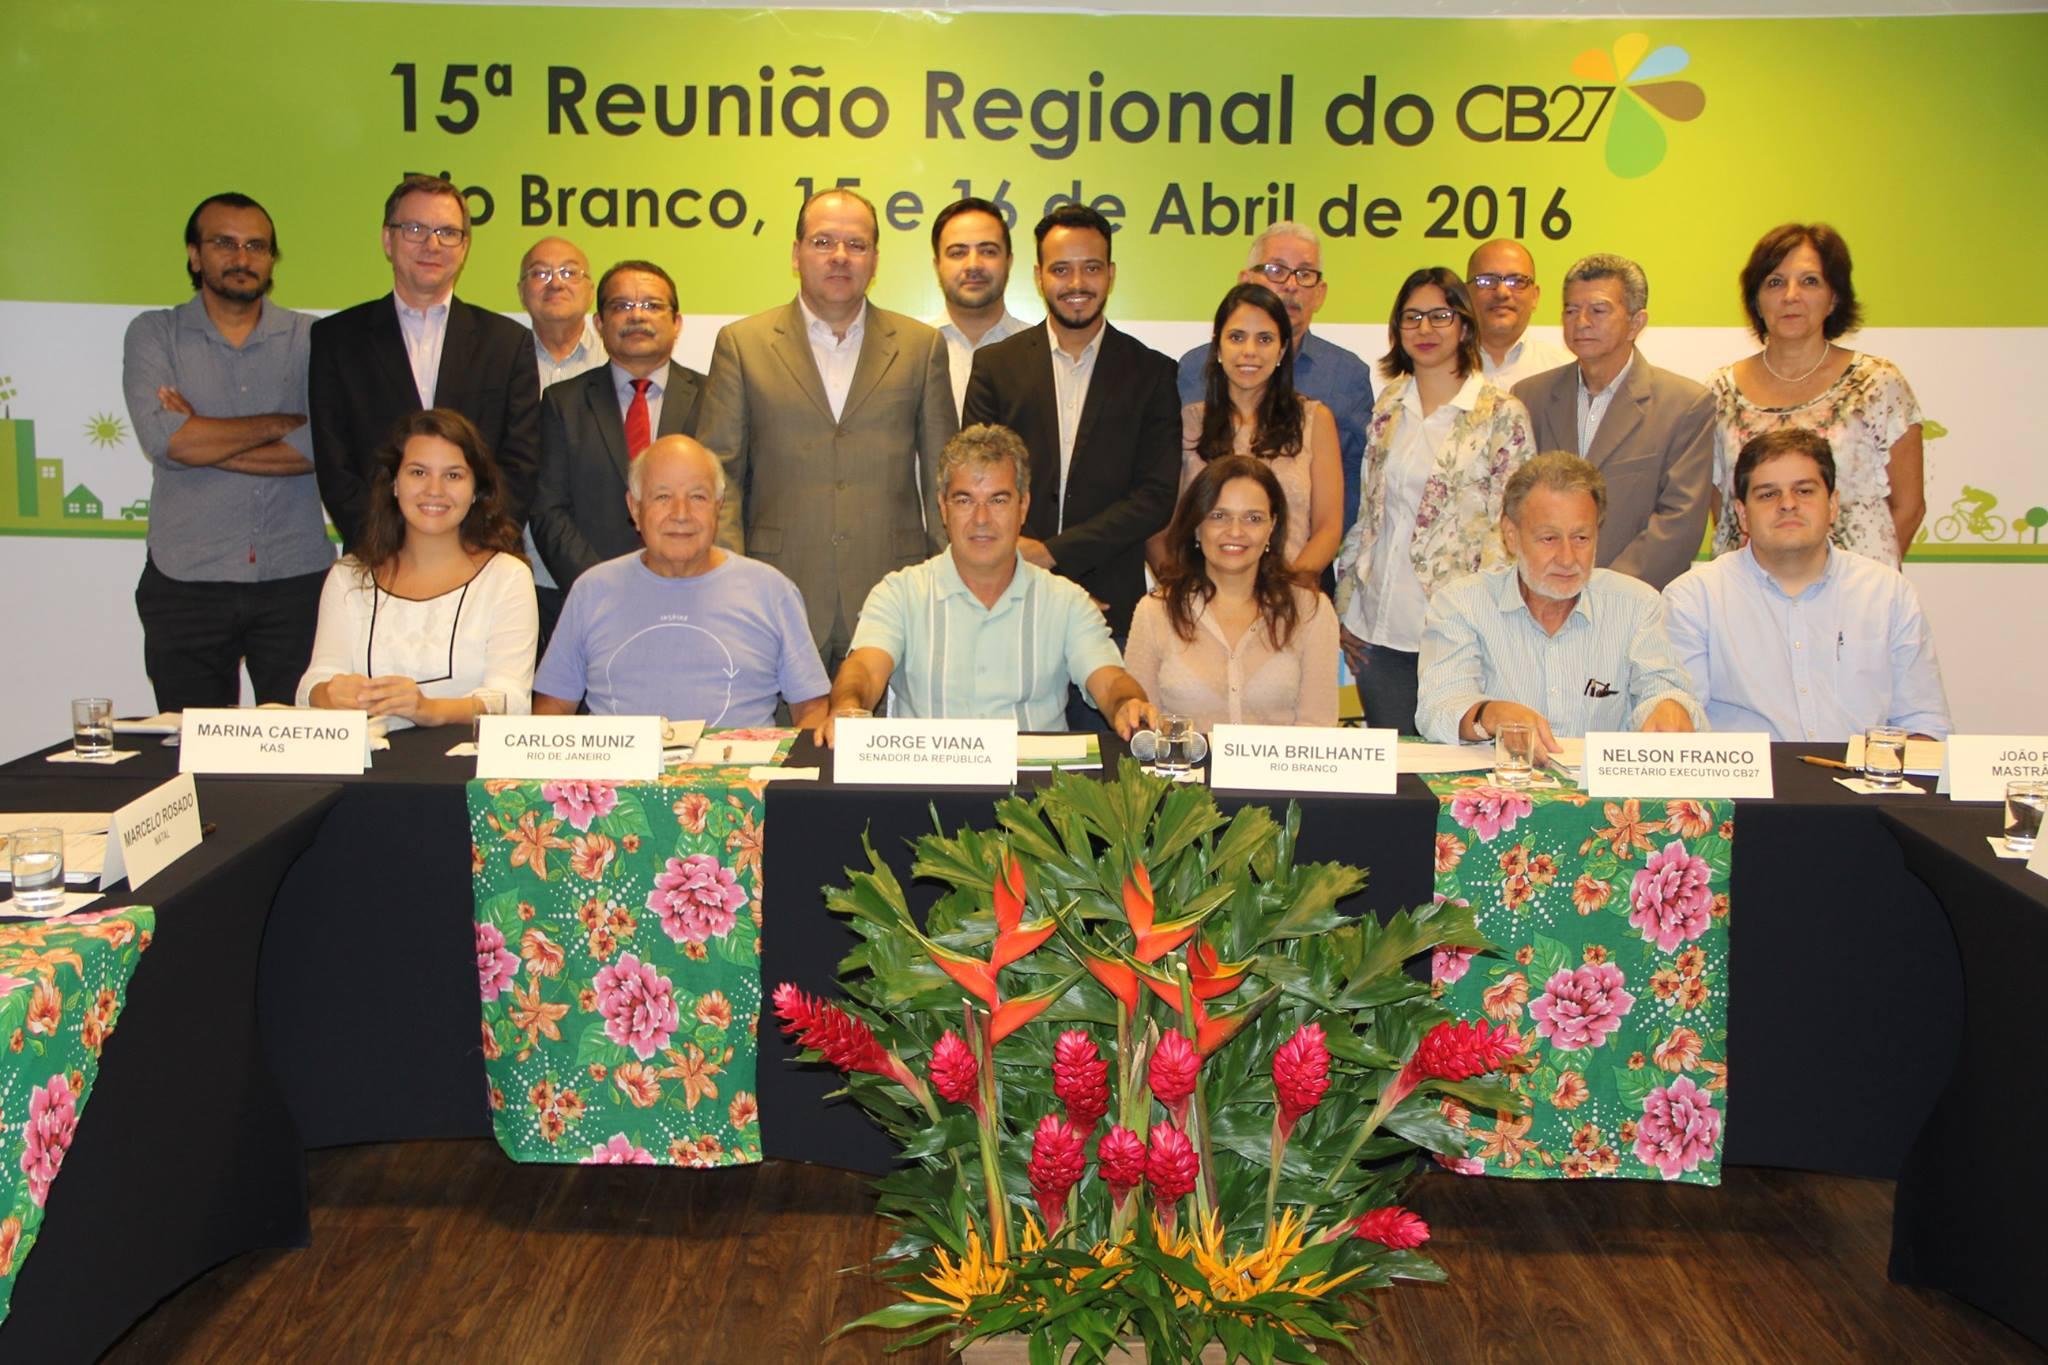 Cb27 riobranco